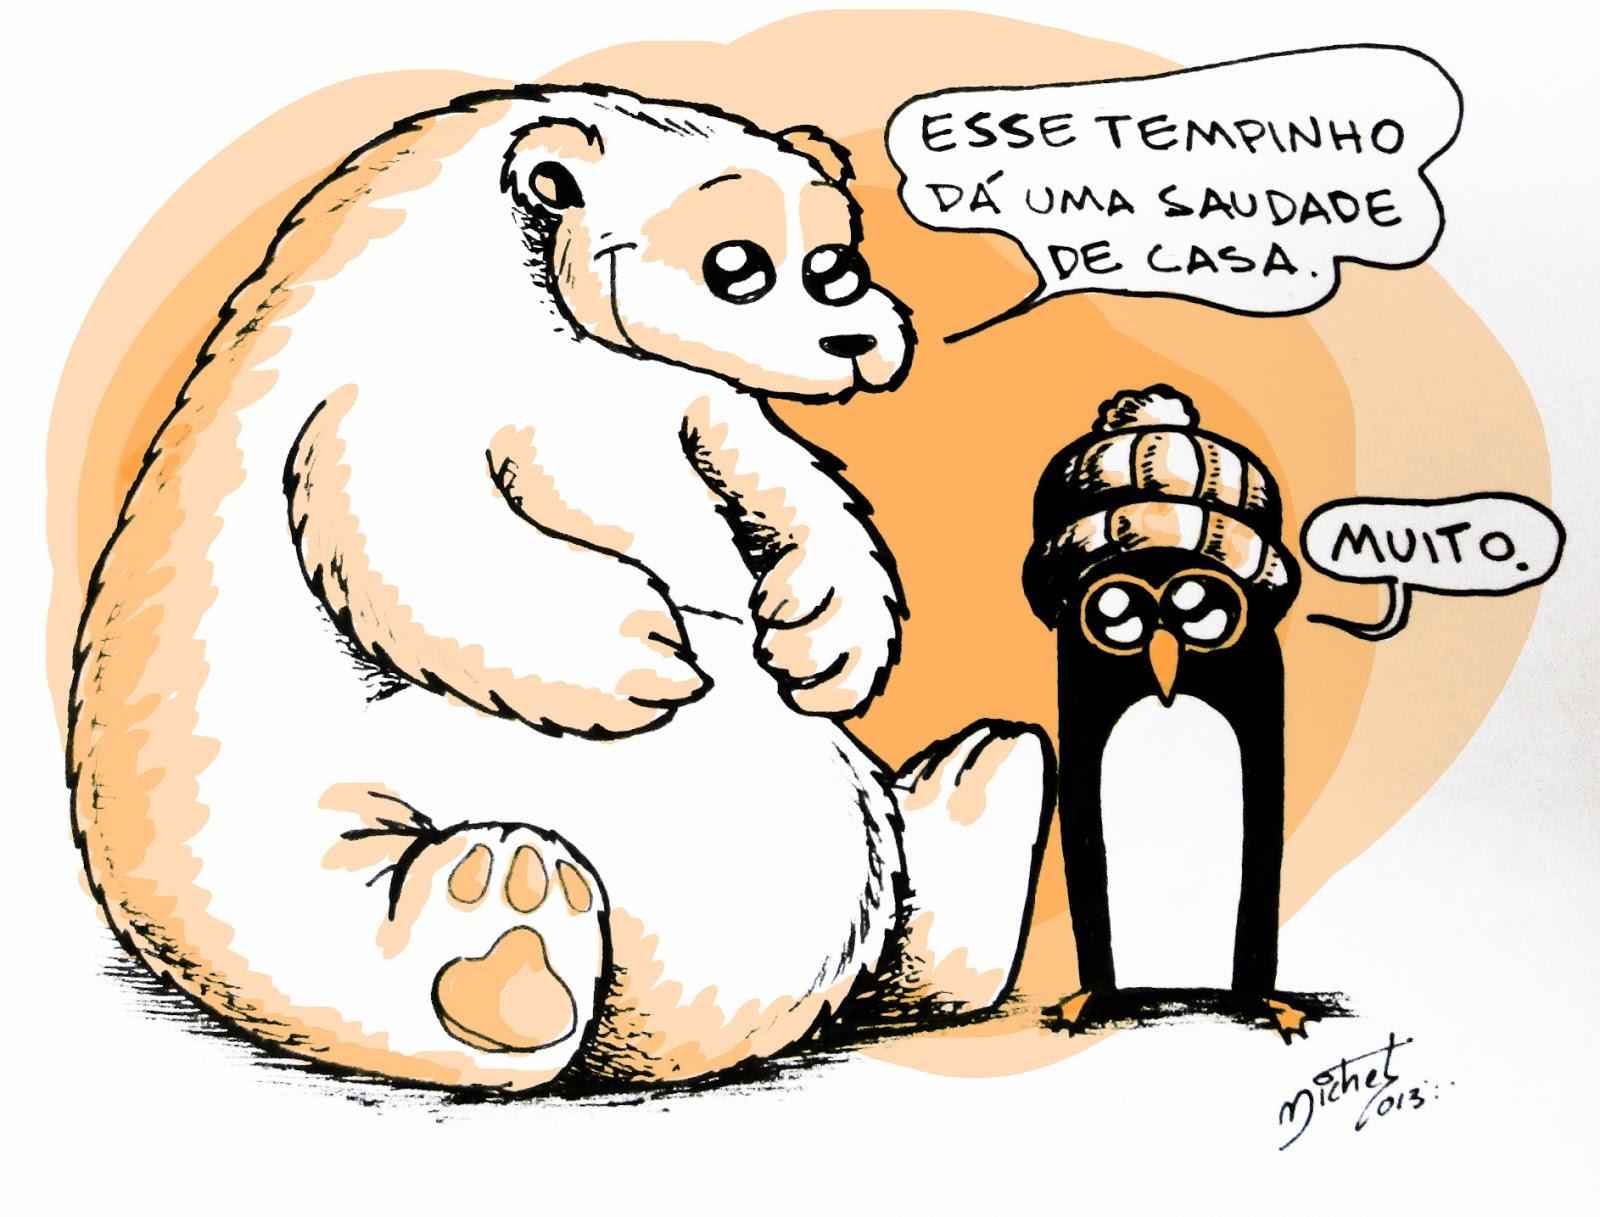 Ilustração/Charge de inverno feita para o Jornal Notícias de Lençóis. - Michel Ramalho